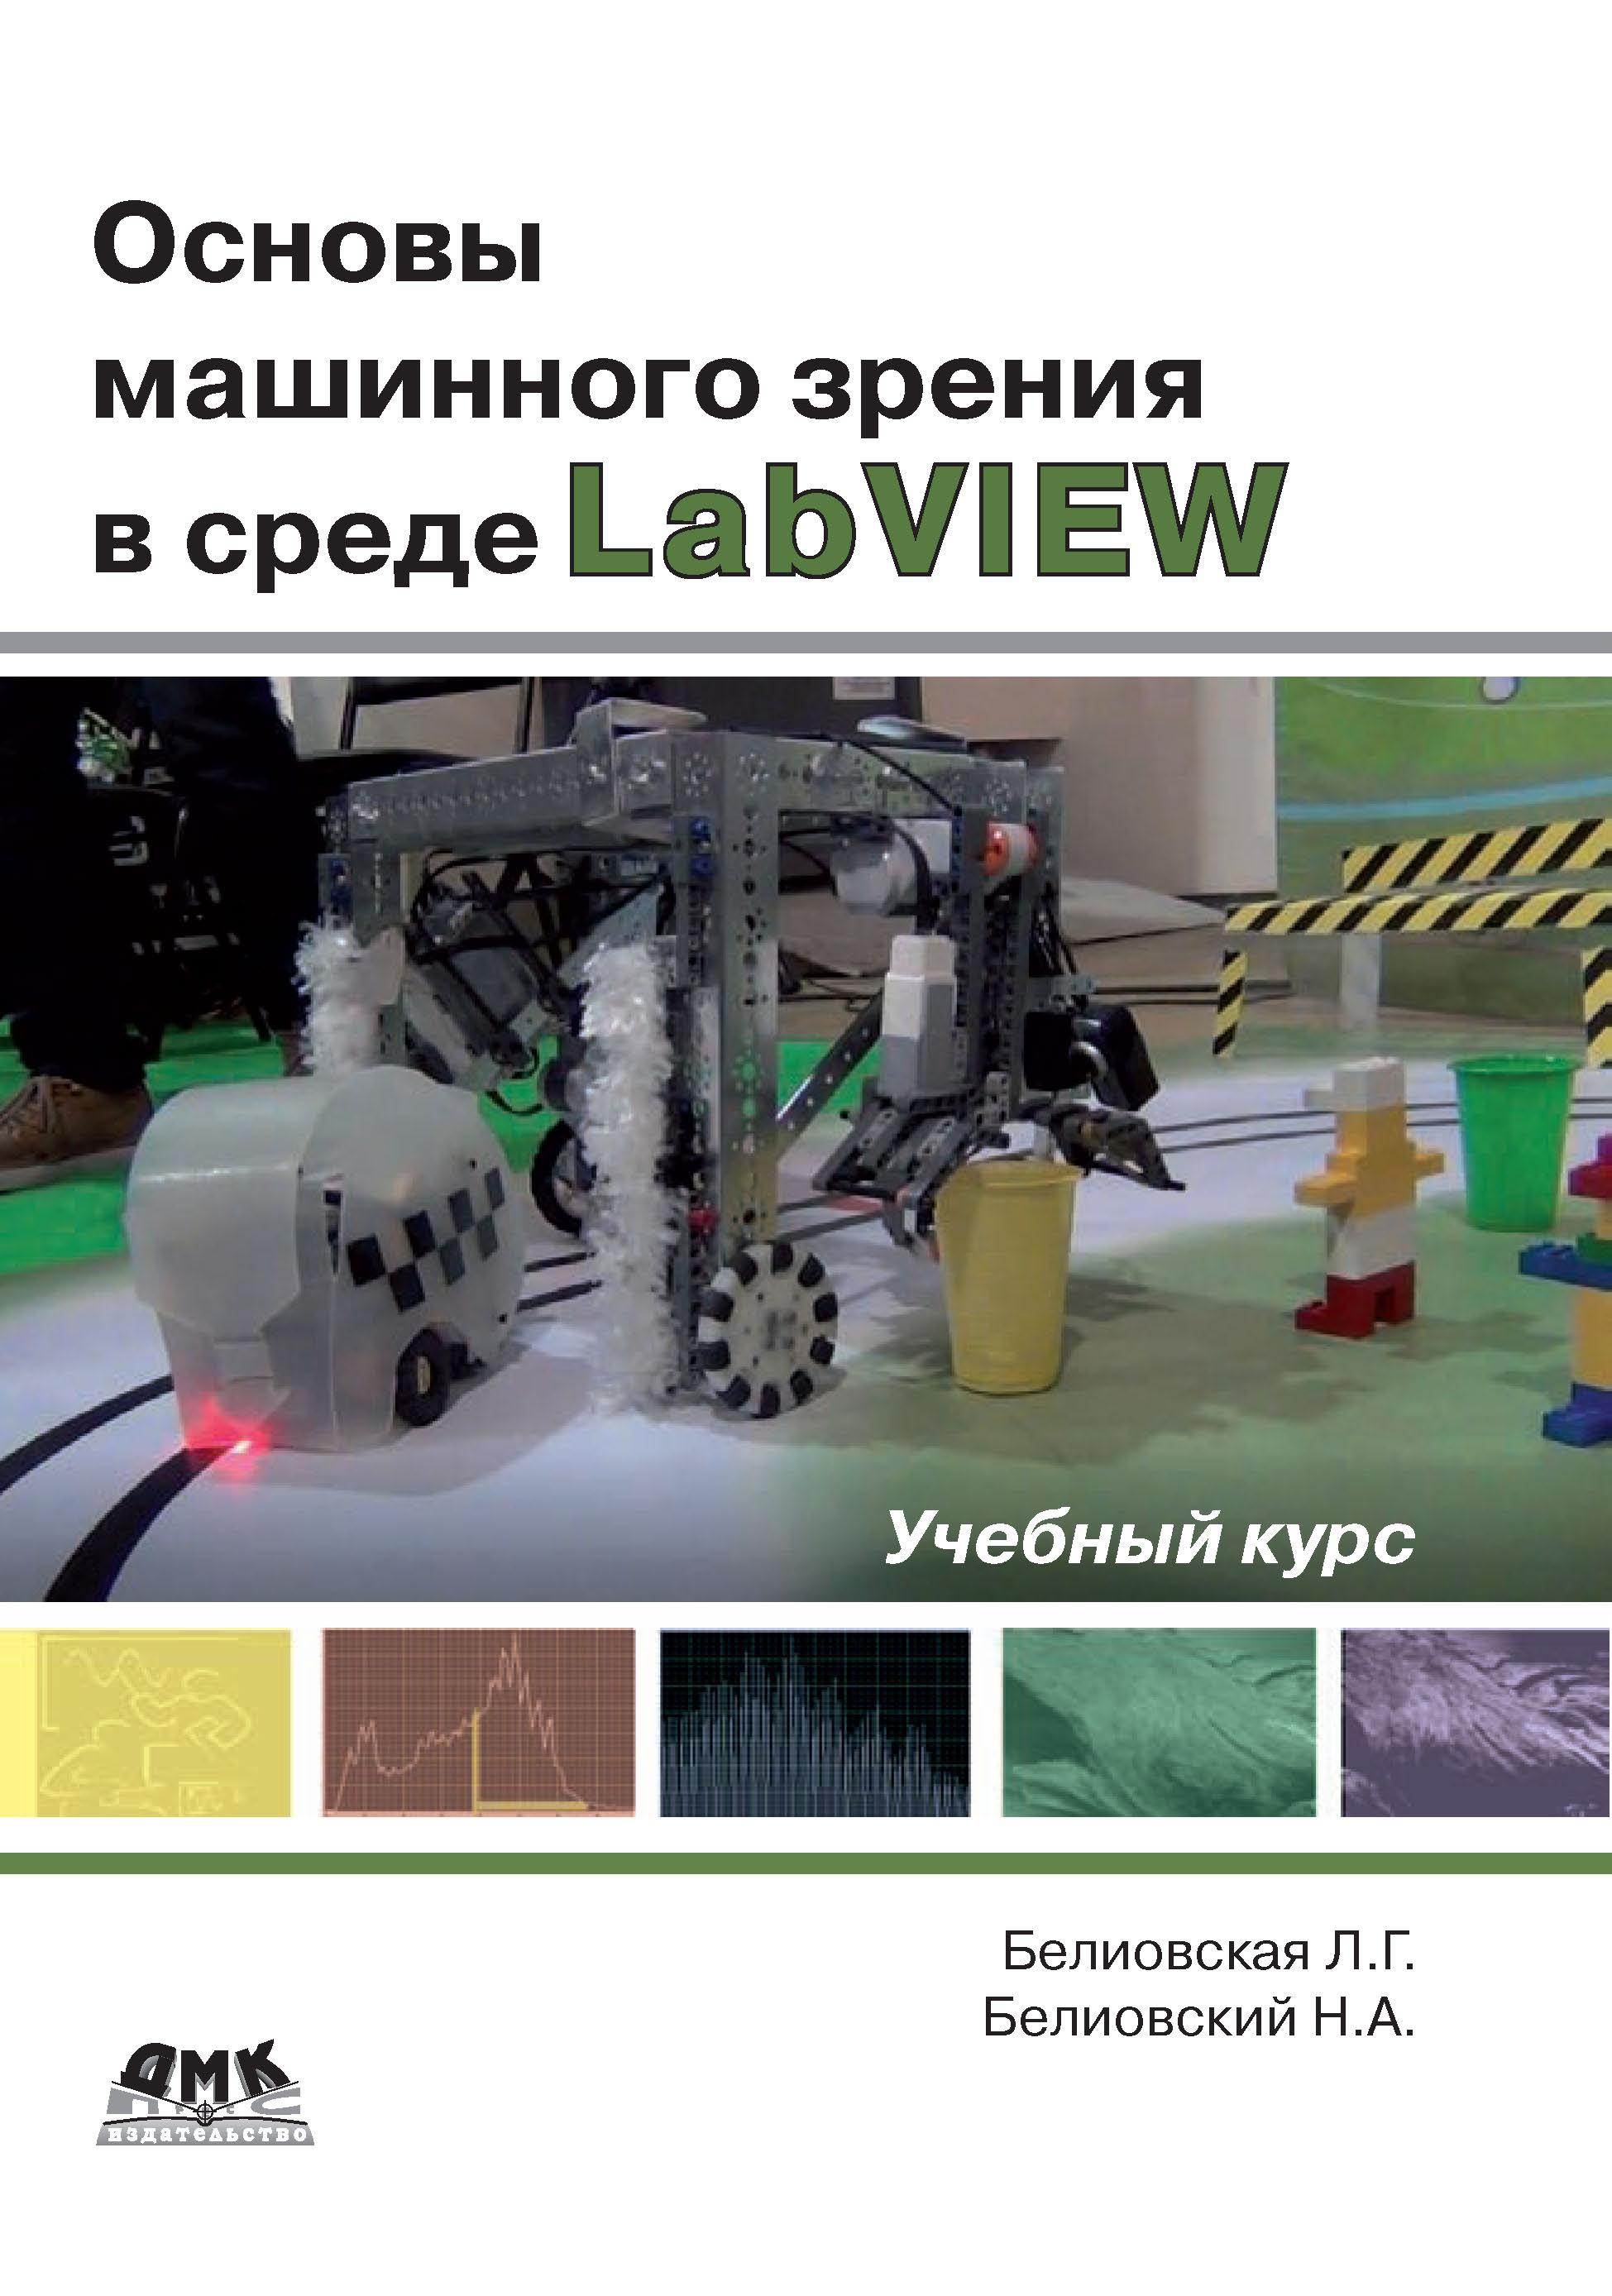 Л. Г. Белиовская Основы машинного зрения в среде LabVIEW. Учебный курс юрий магда labview практический курс для инженеров и разработчиков